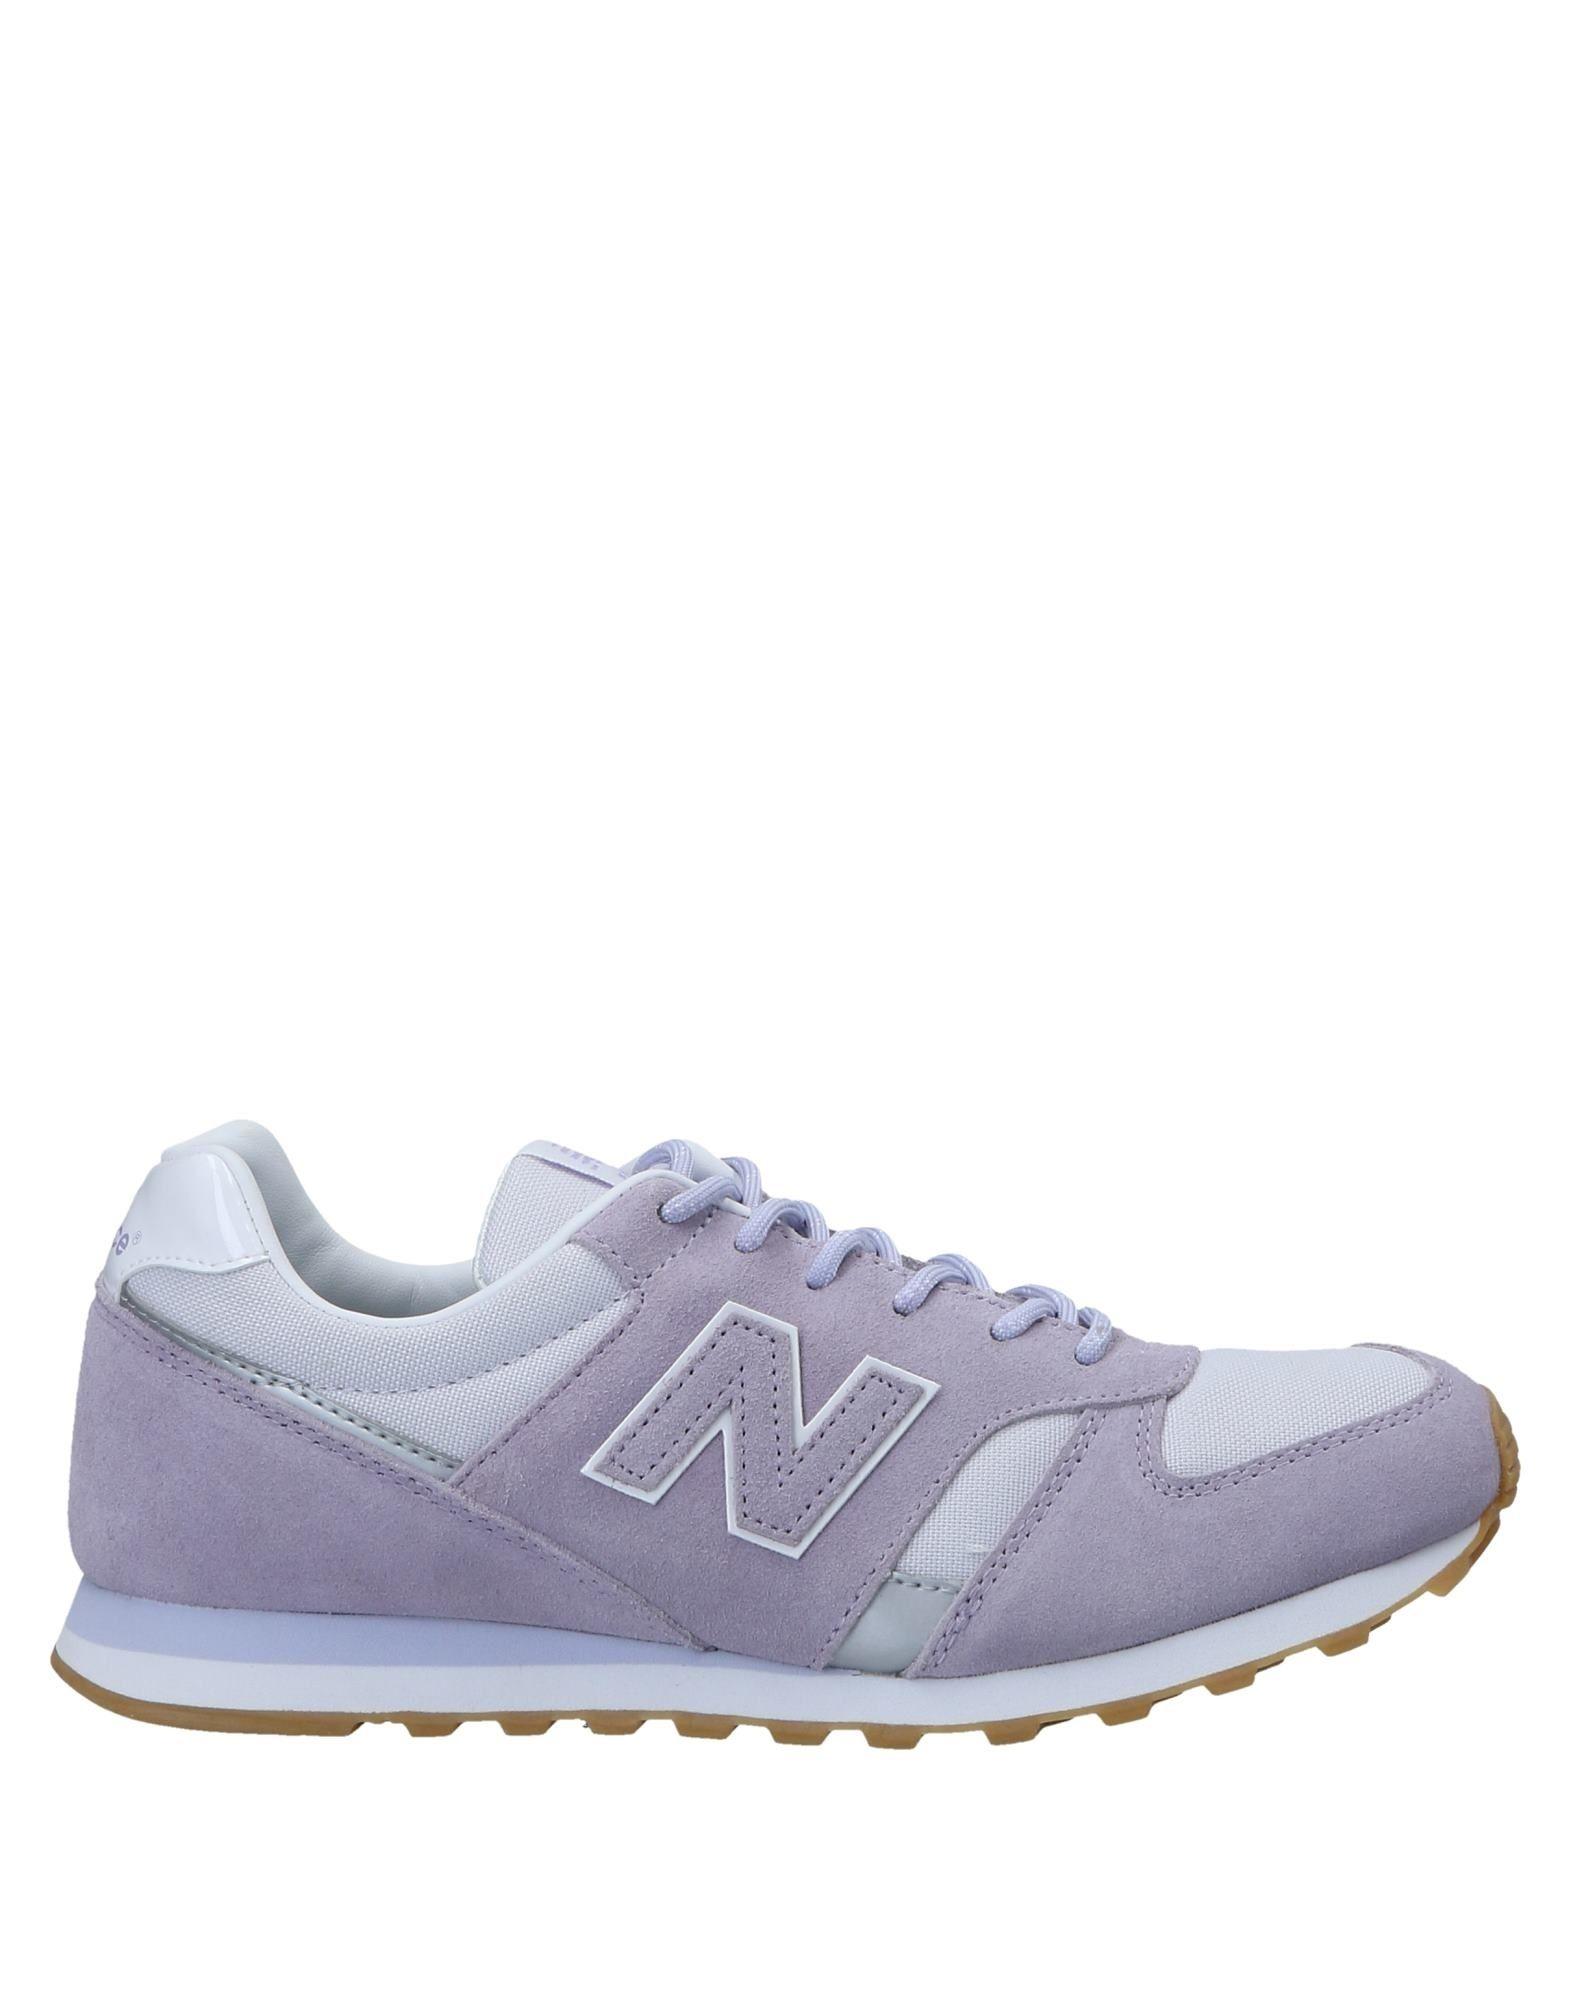 New Balance Sneakers Damen beliebte  11551476CS Gute Qualität beliebte Damen Schuhe 48497b